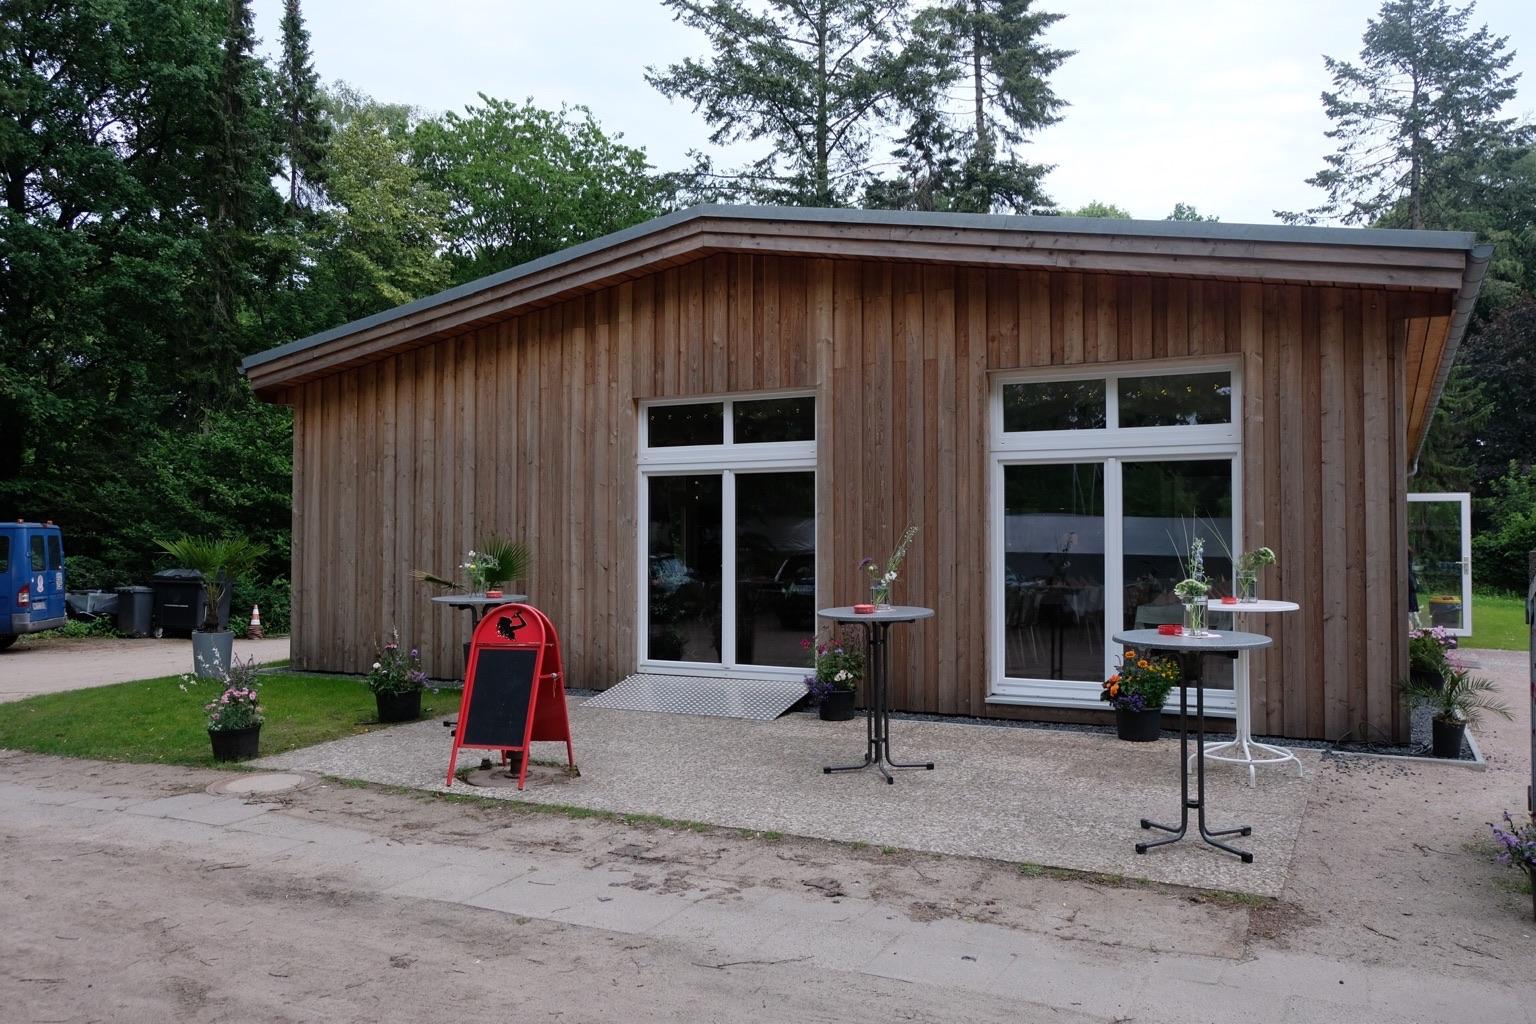 Verbandshaus im Stadtpark